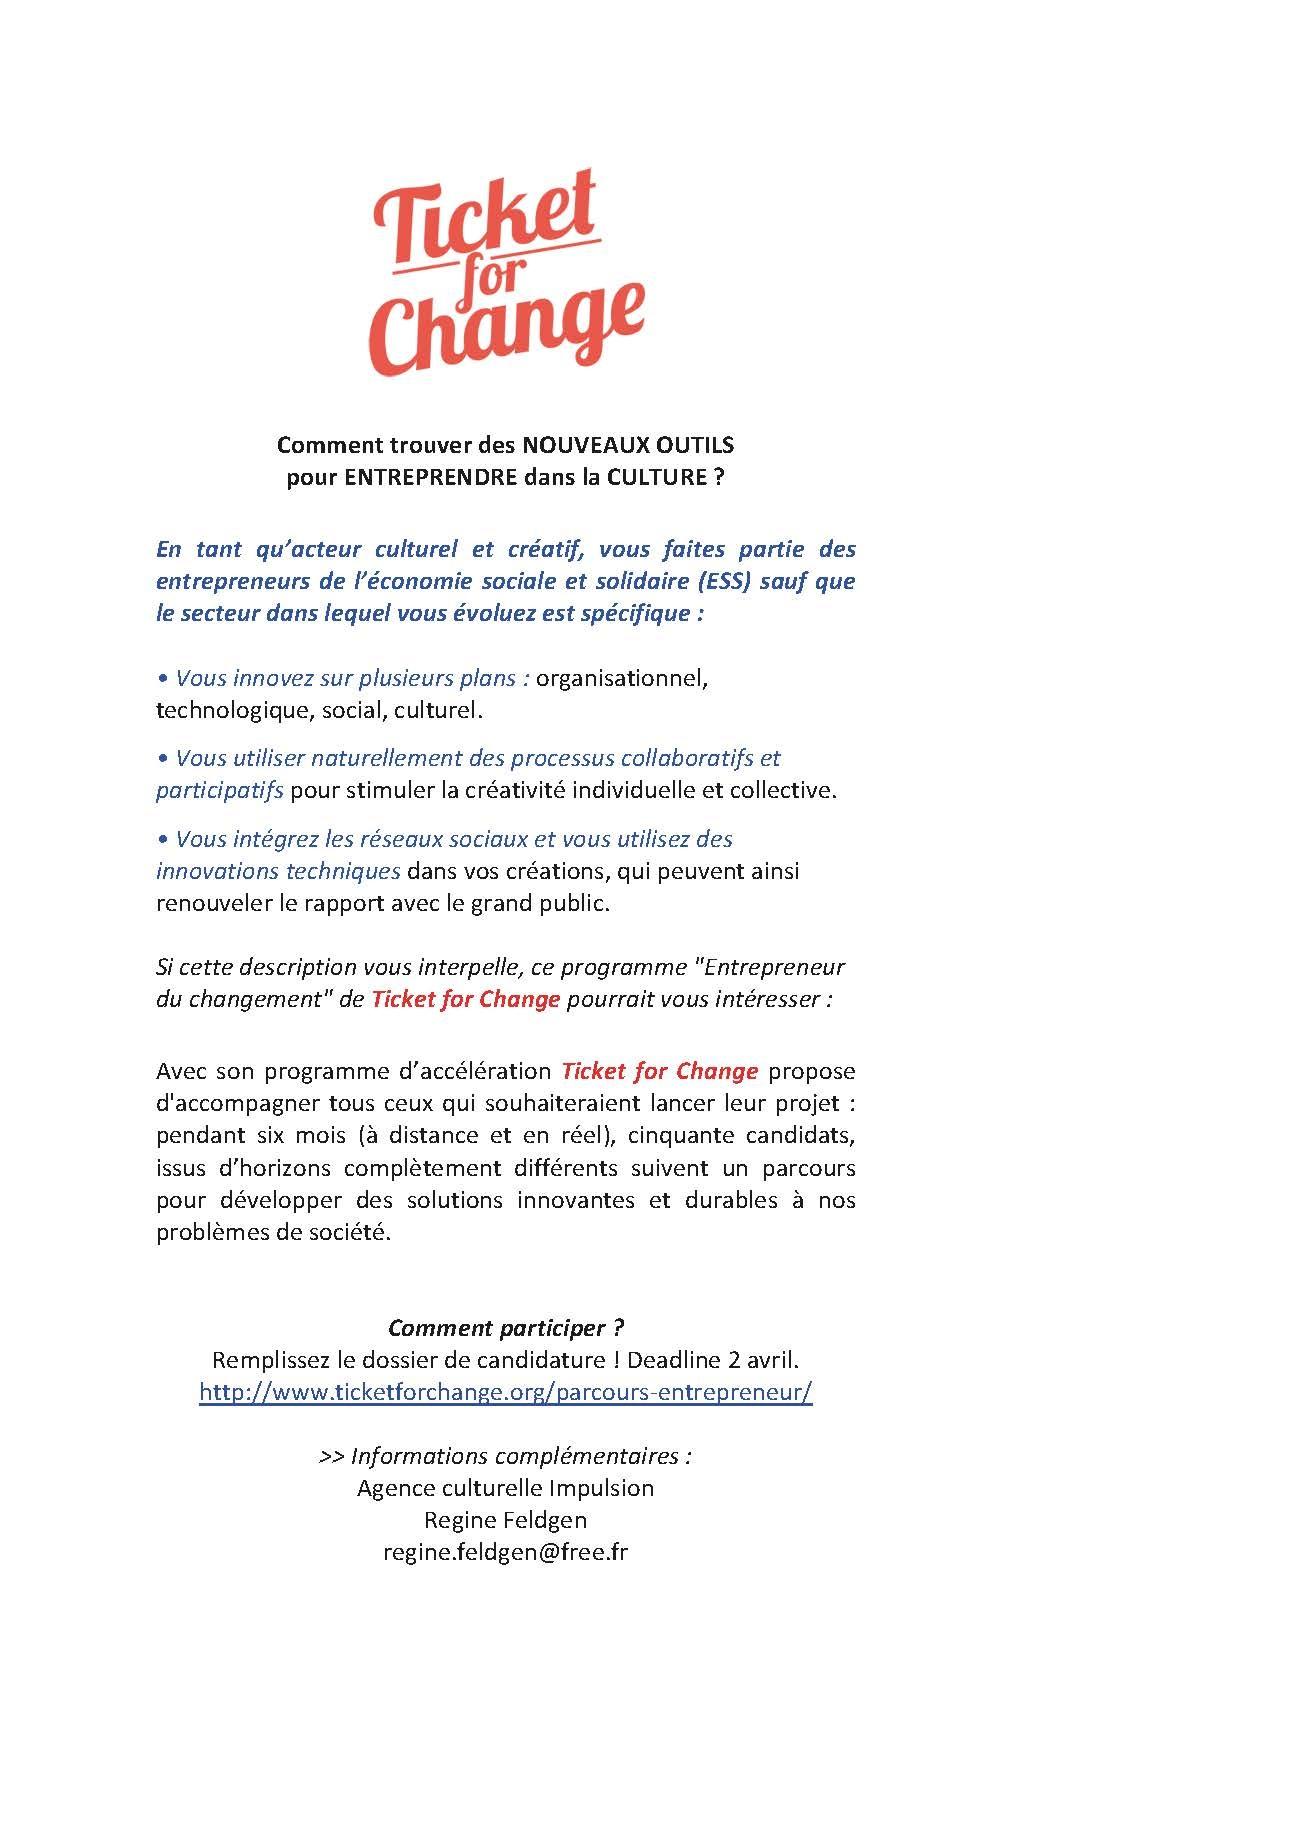 Appel à candidature Ticket for Change – Projets de l'économie sociale et créative !